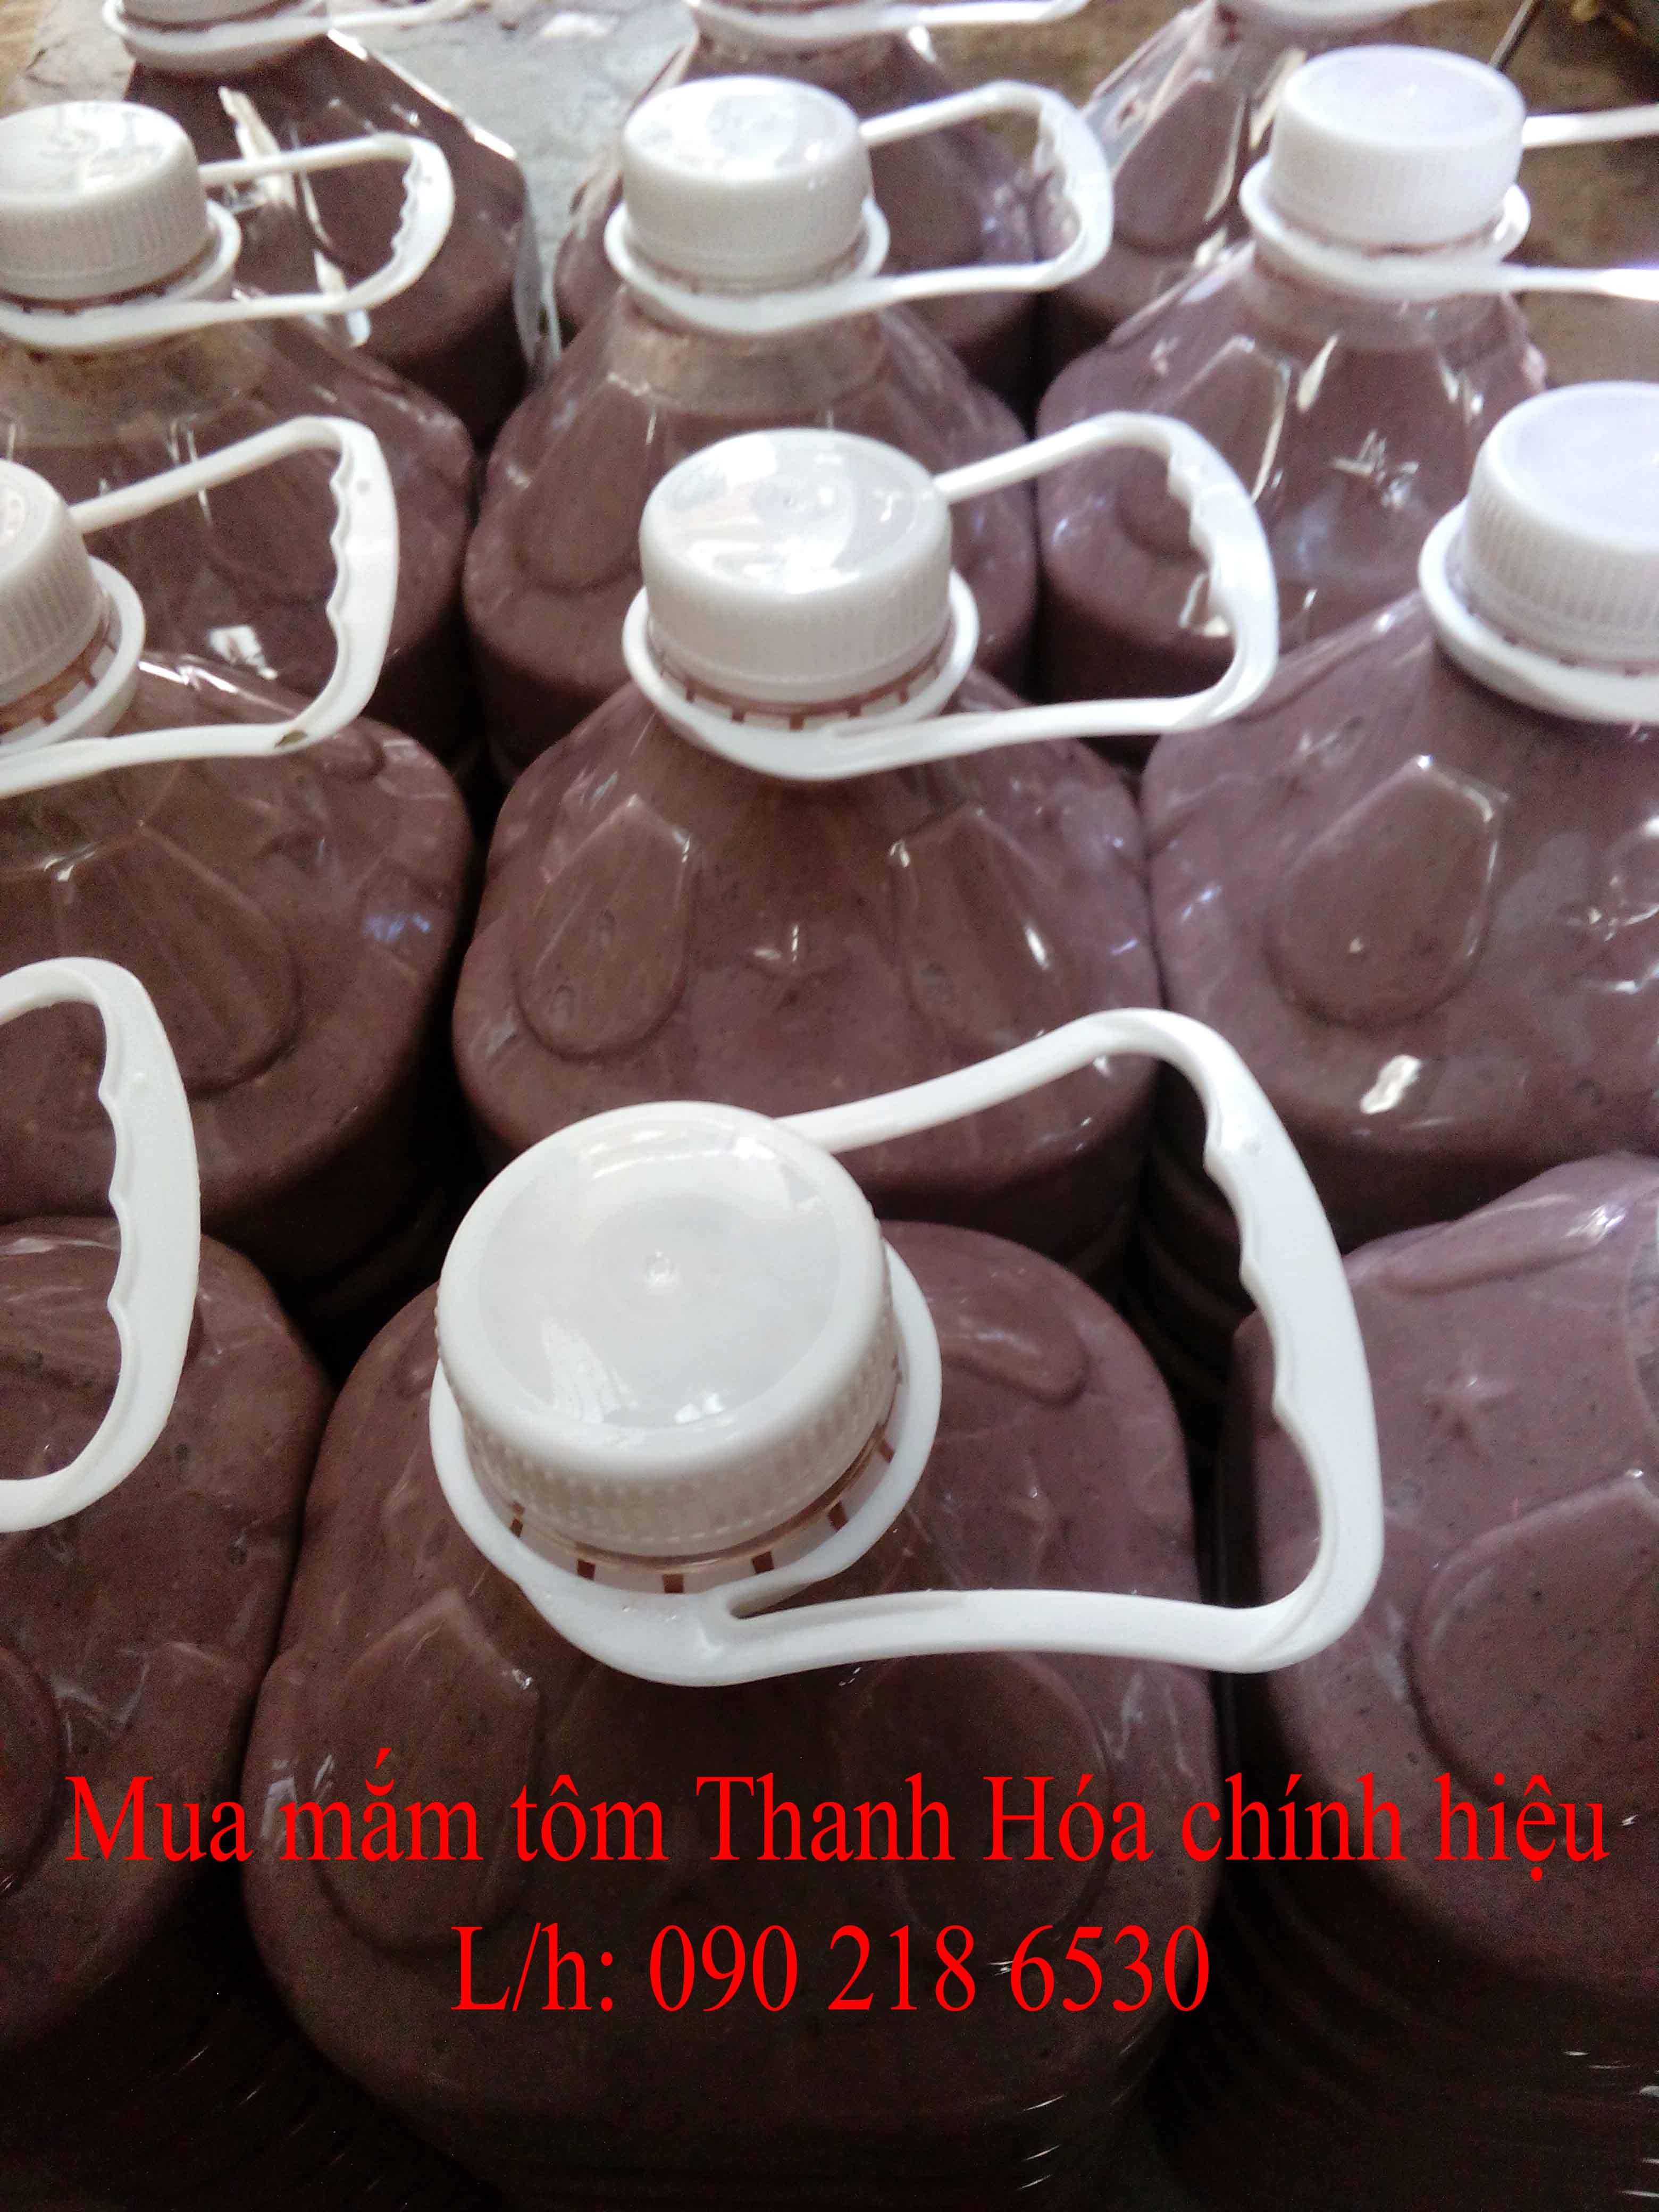 Mắm tôm đặc sản Thanh Hóa (can 5l)